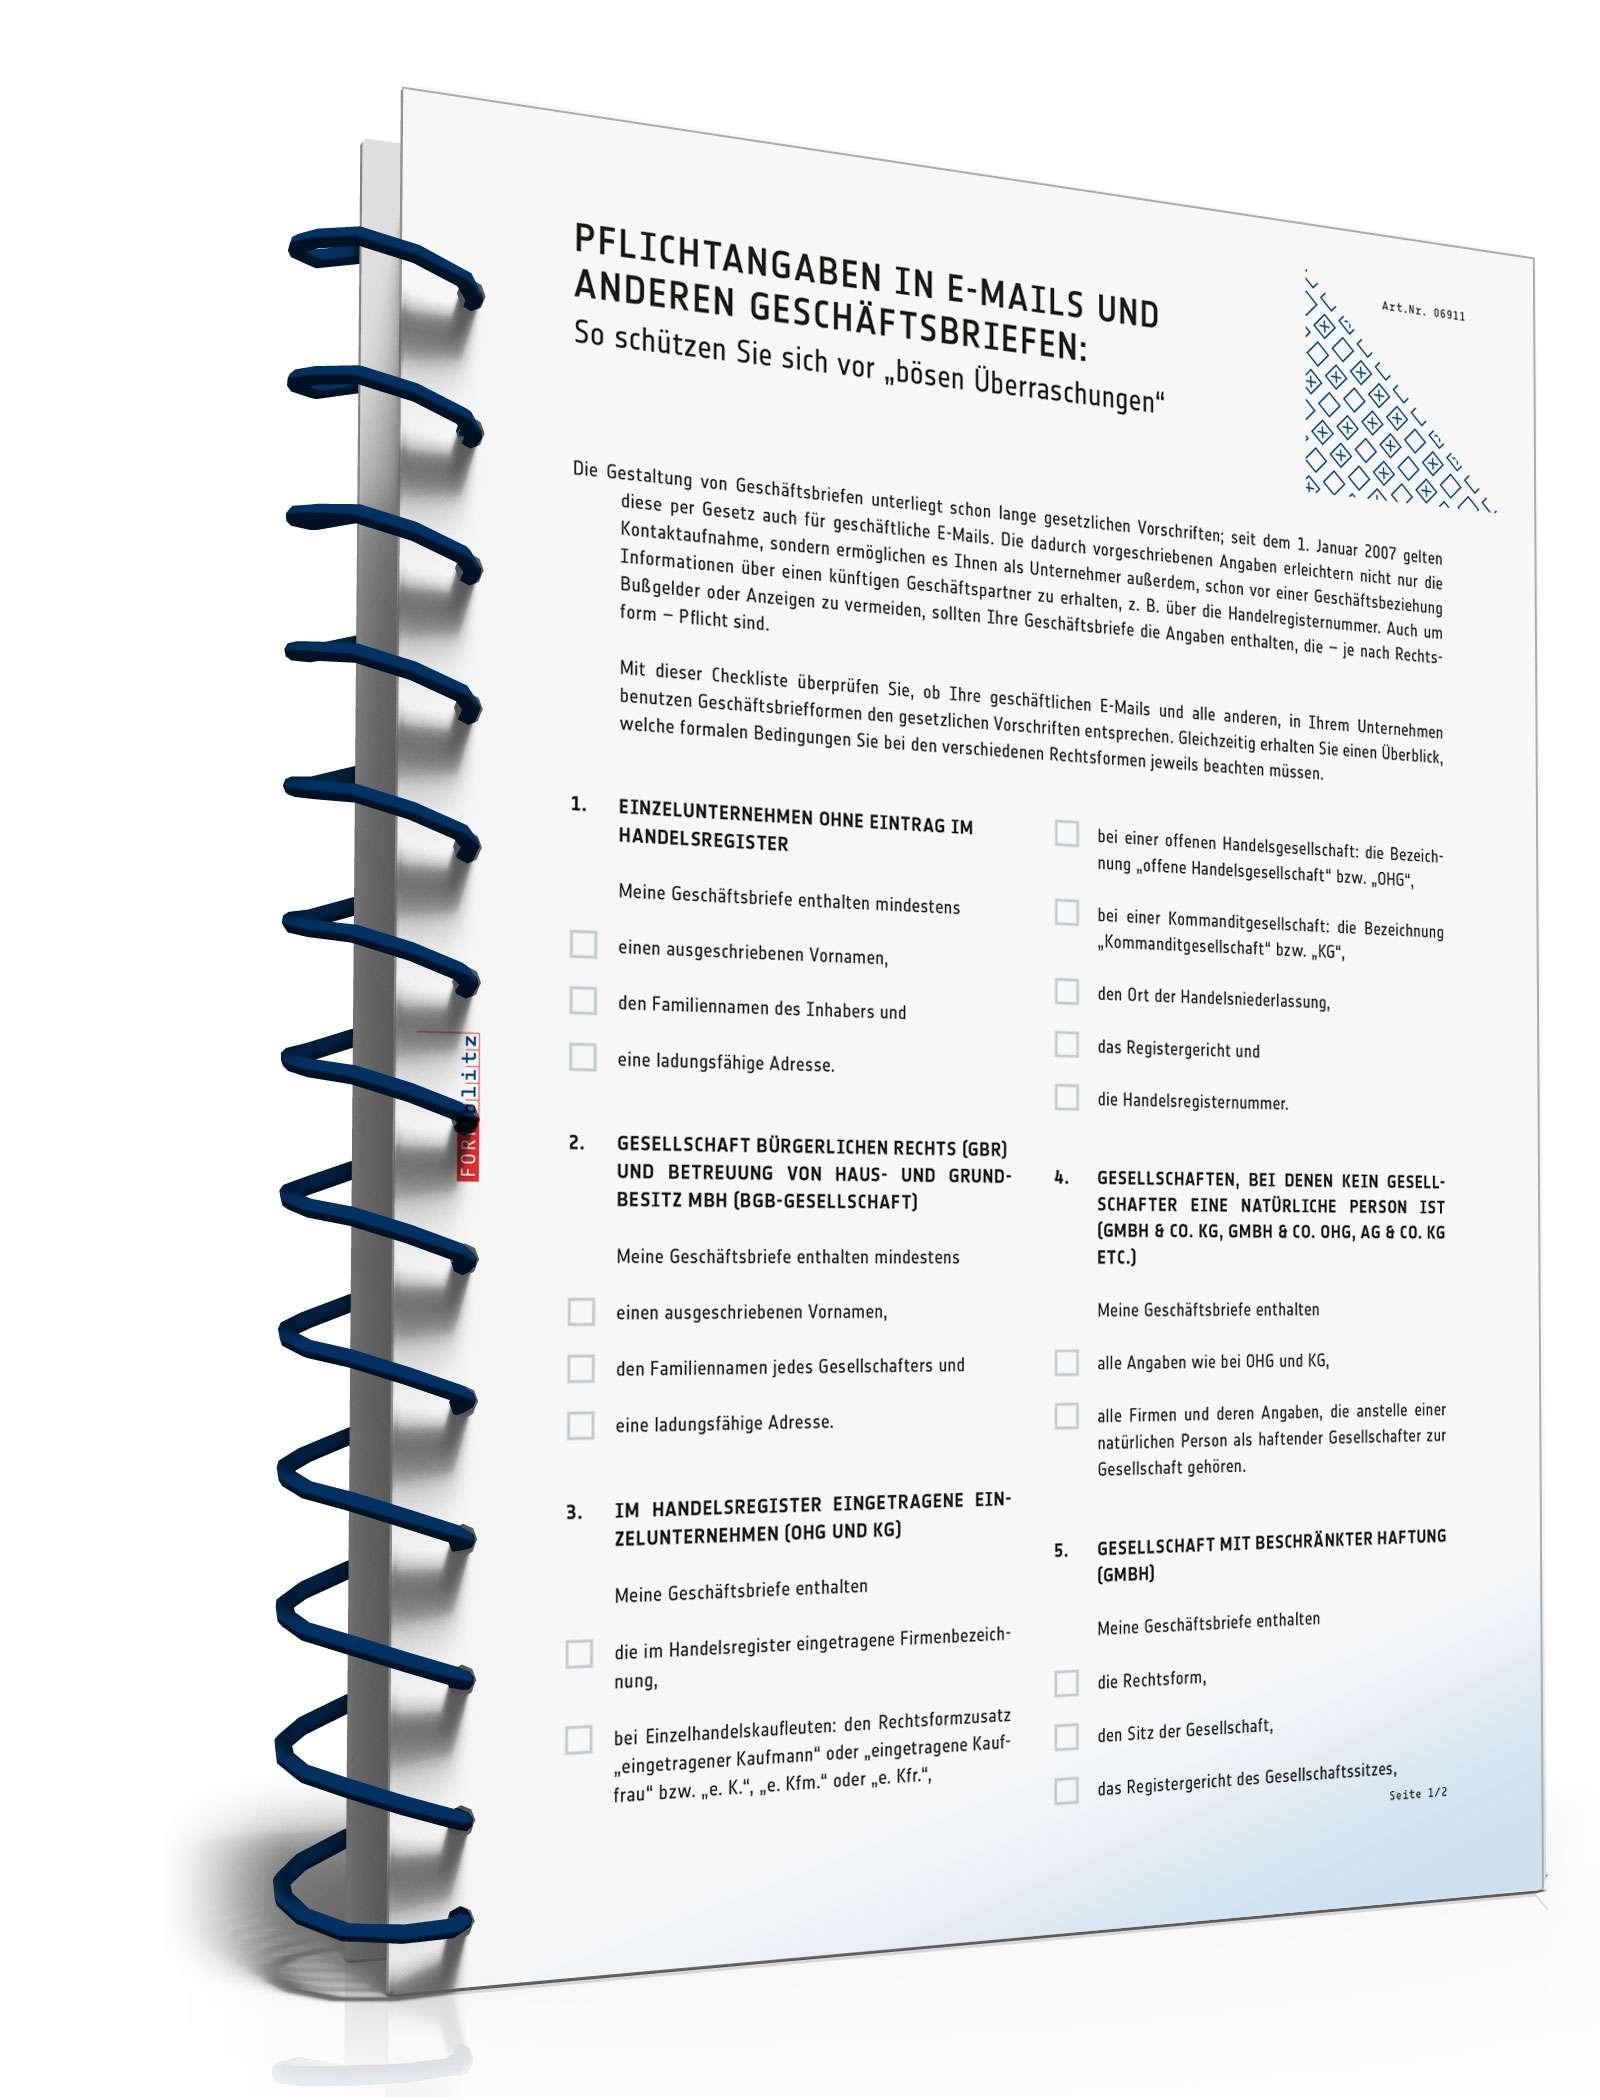 vorlagen-paket für büro & sekretariat | 70 muster zum download, Einladung